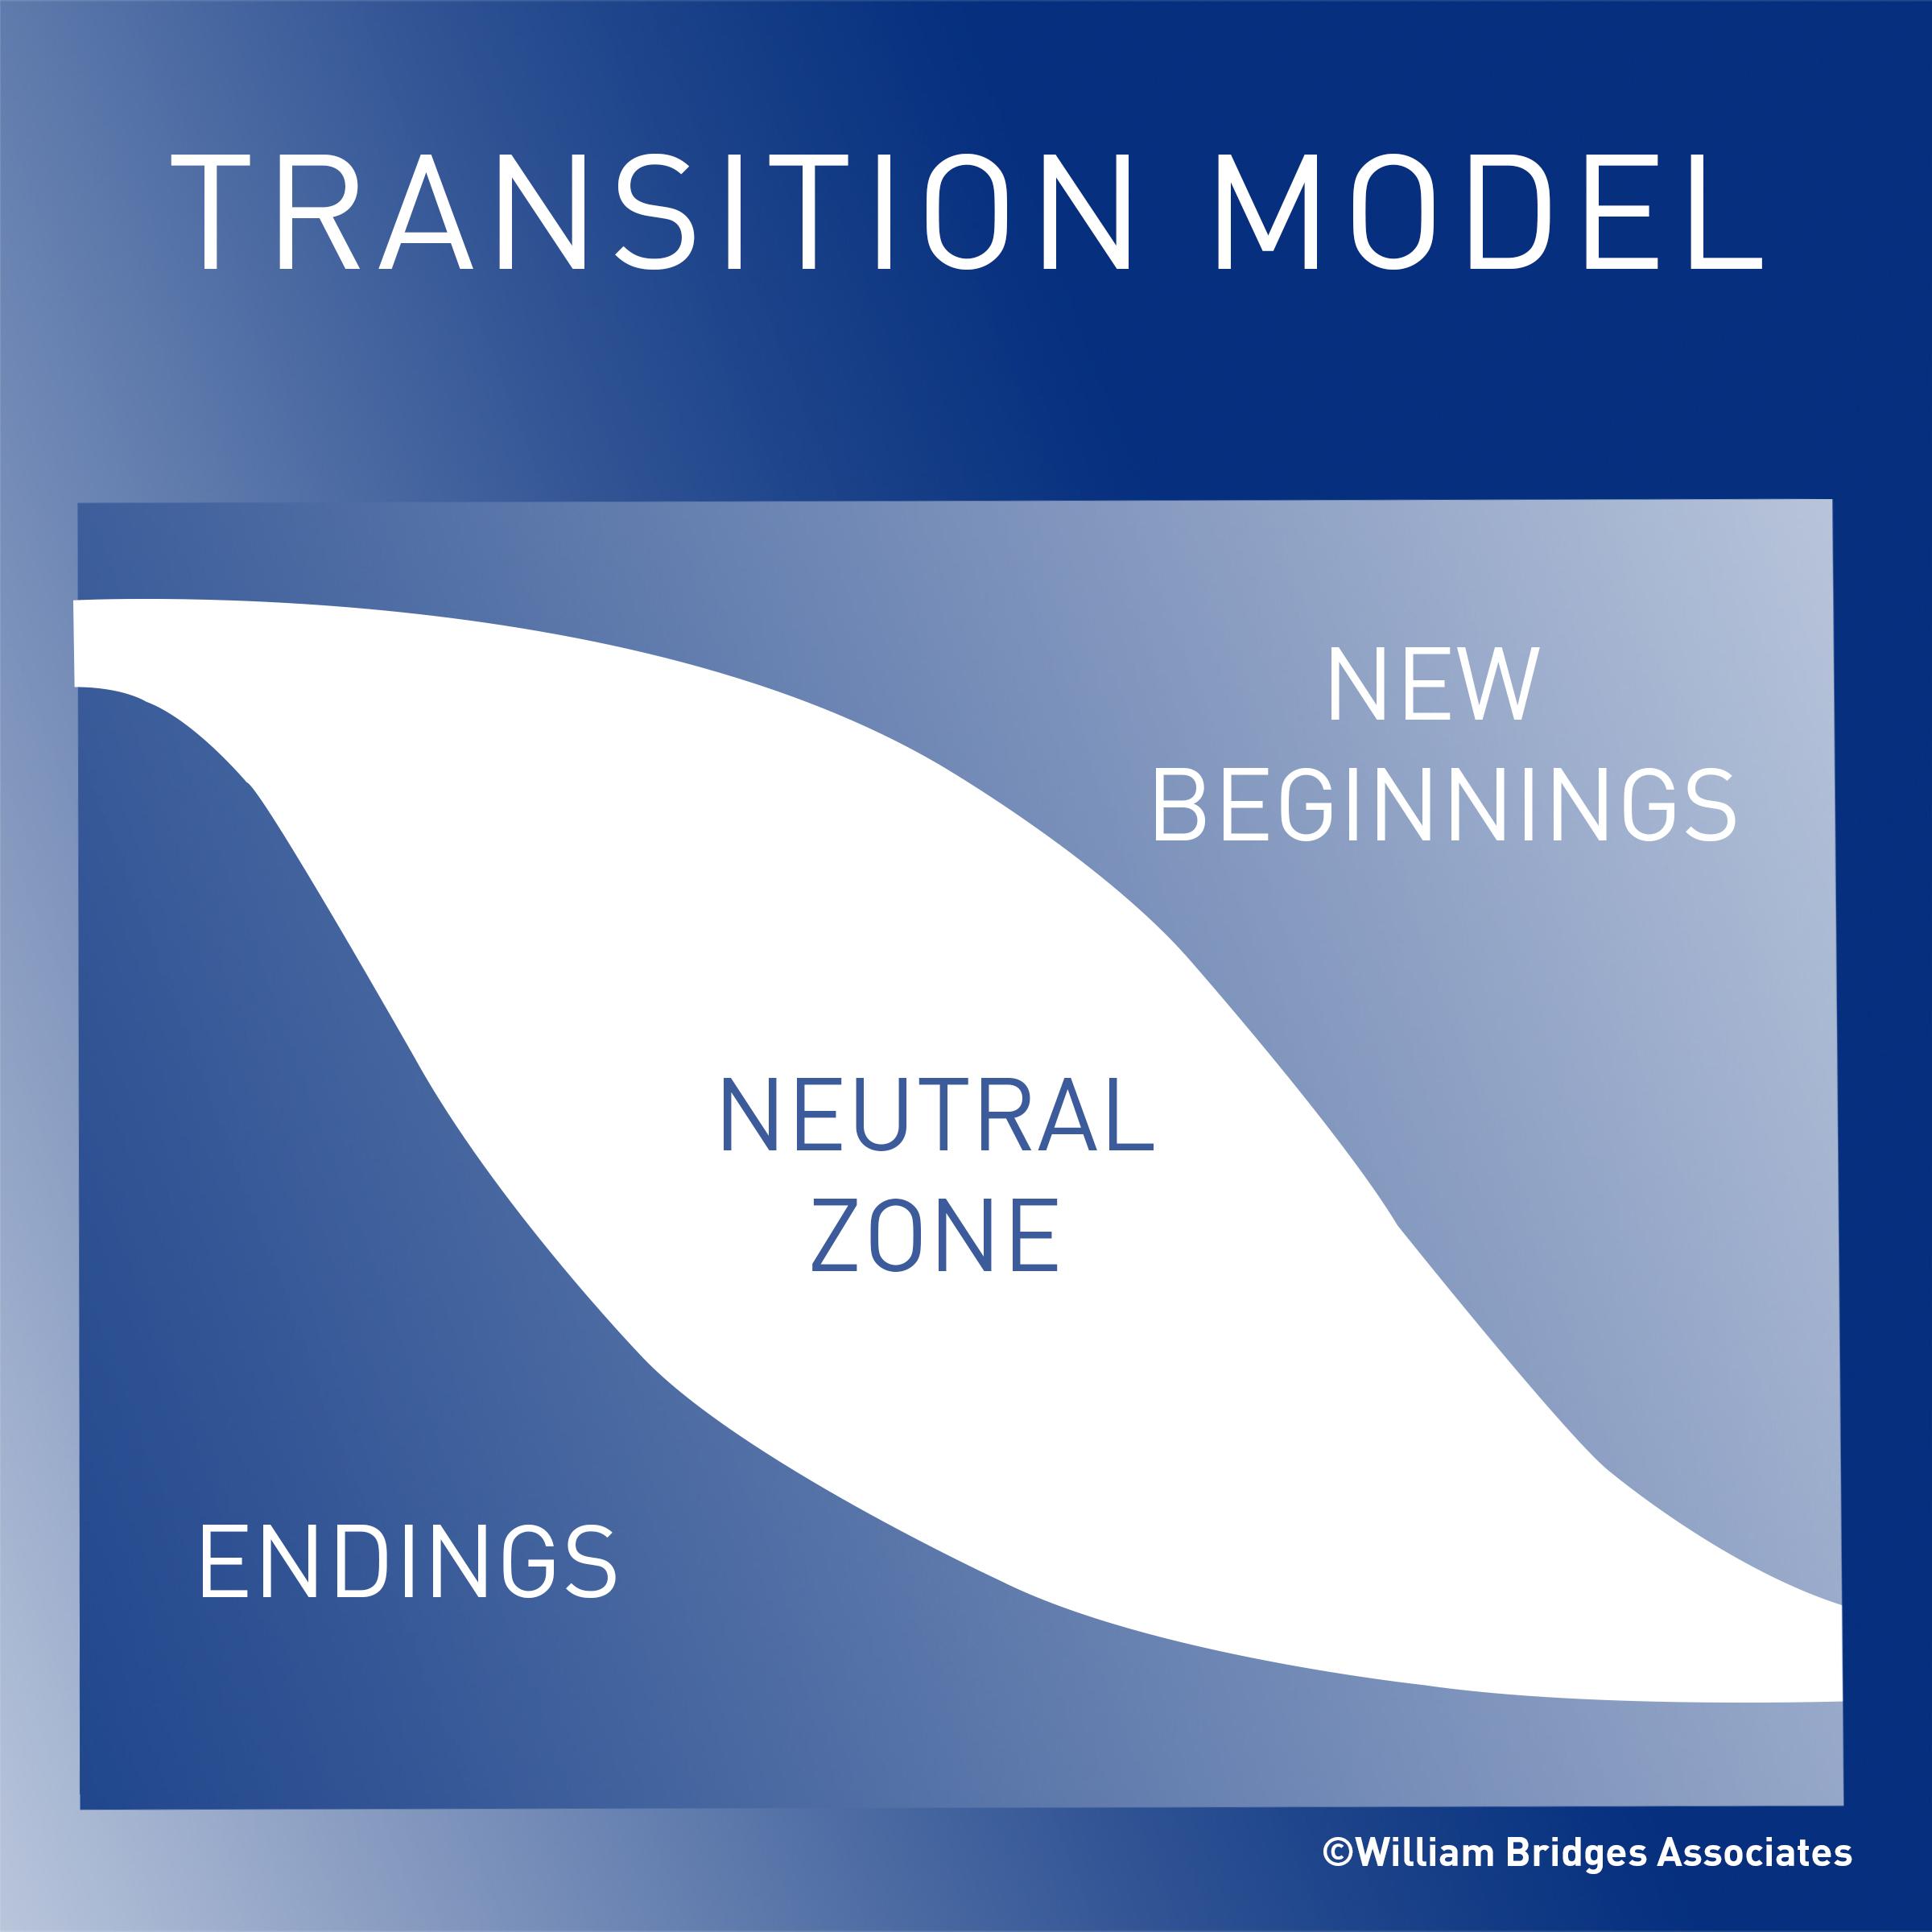 Transition Model